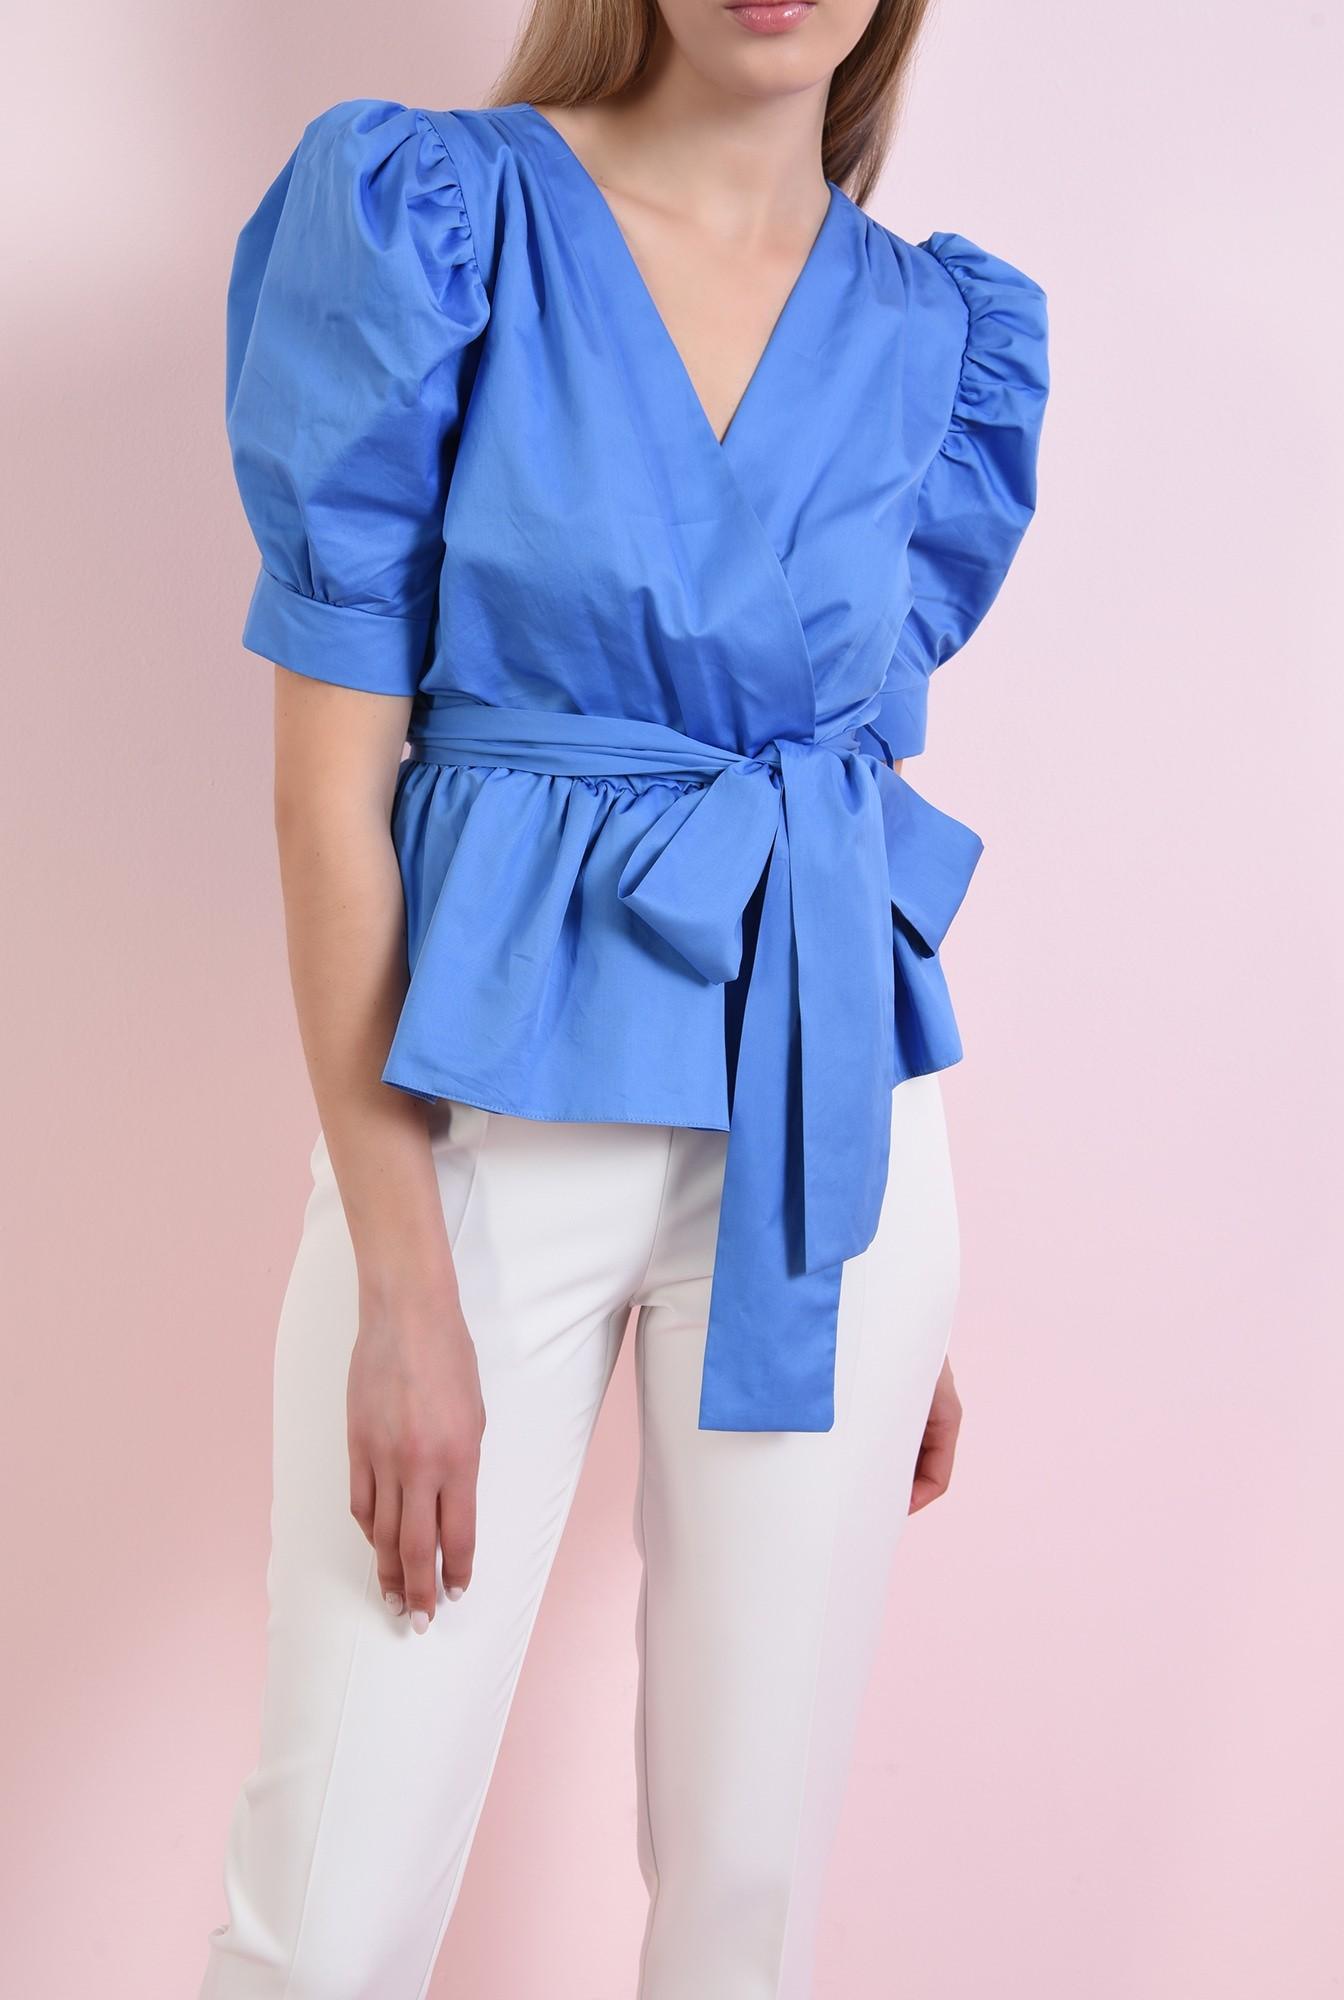 0 - 360 - bluza albastra, din bumbac